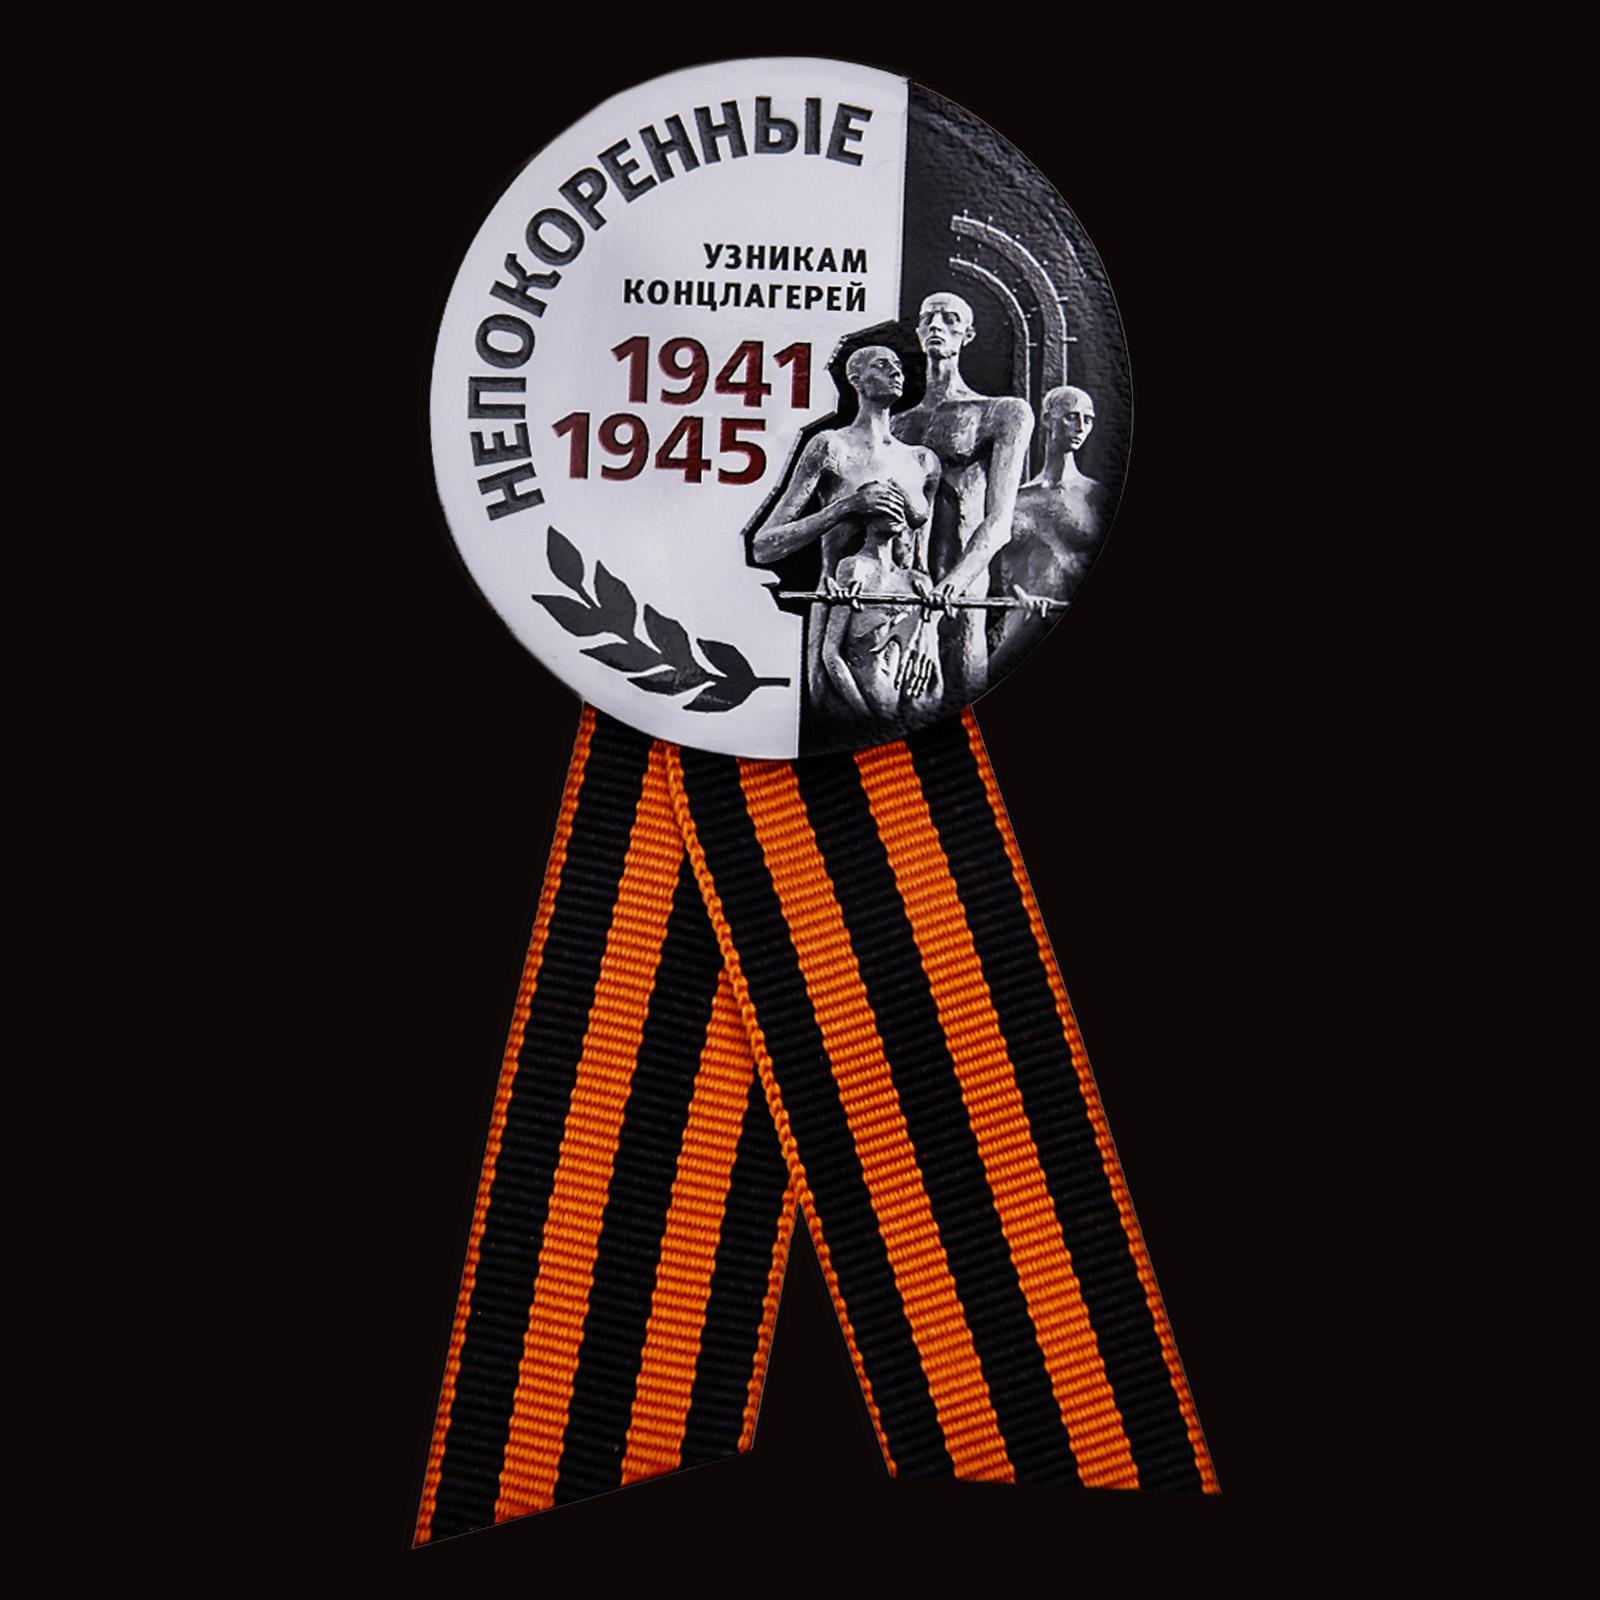 Значок узникам концлагерей «Непокоренные» на 75 лет Победы в Военпро